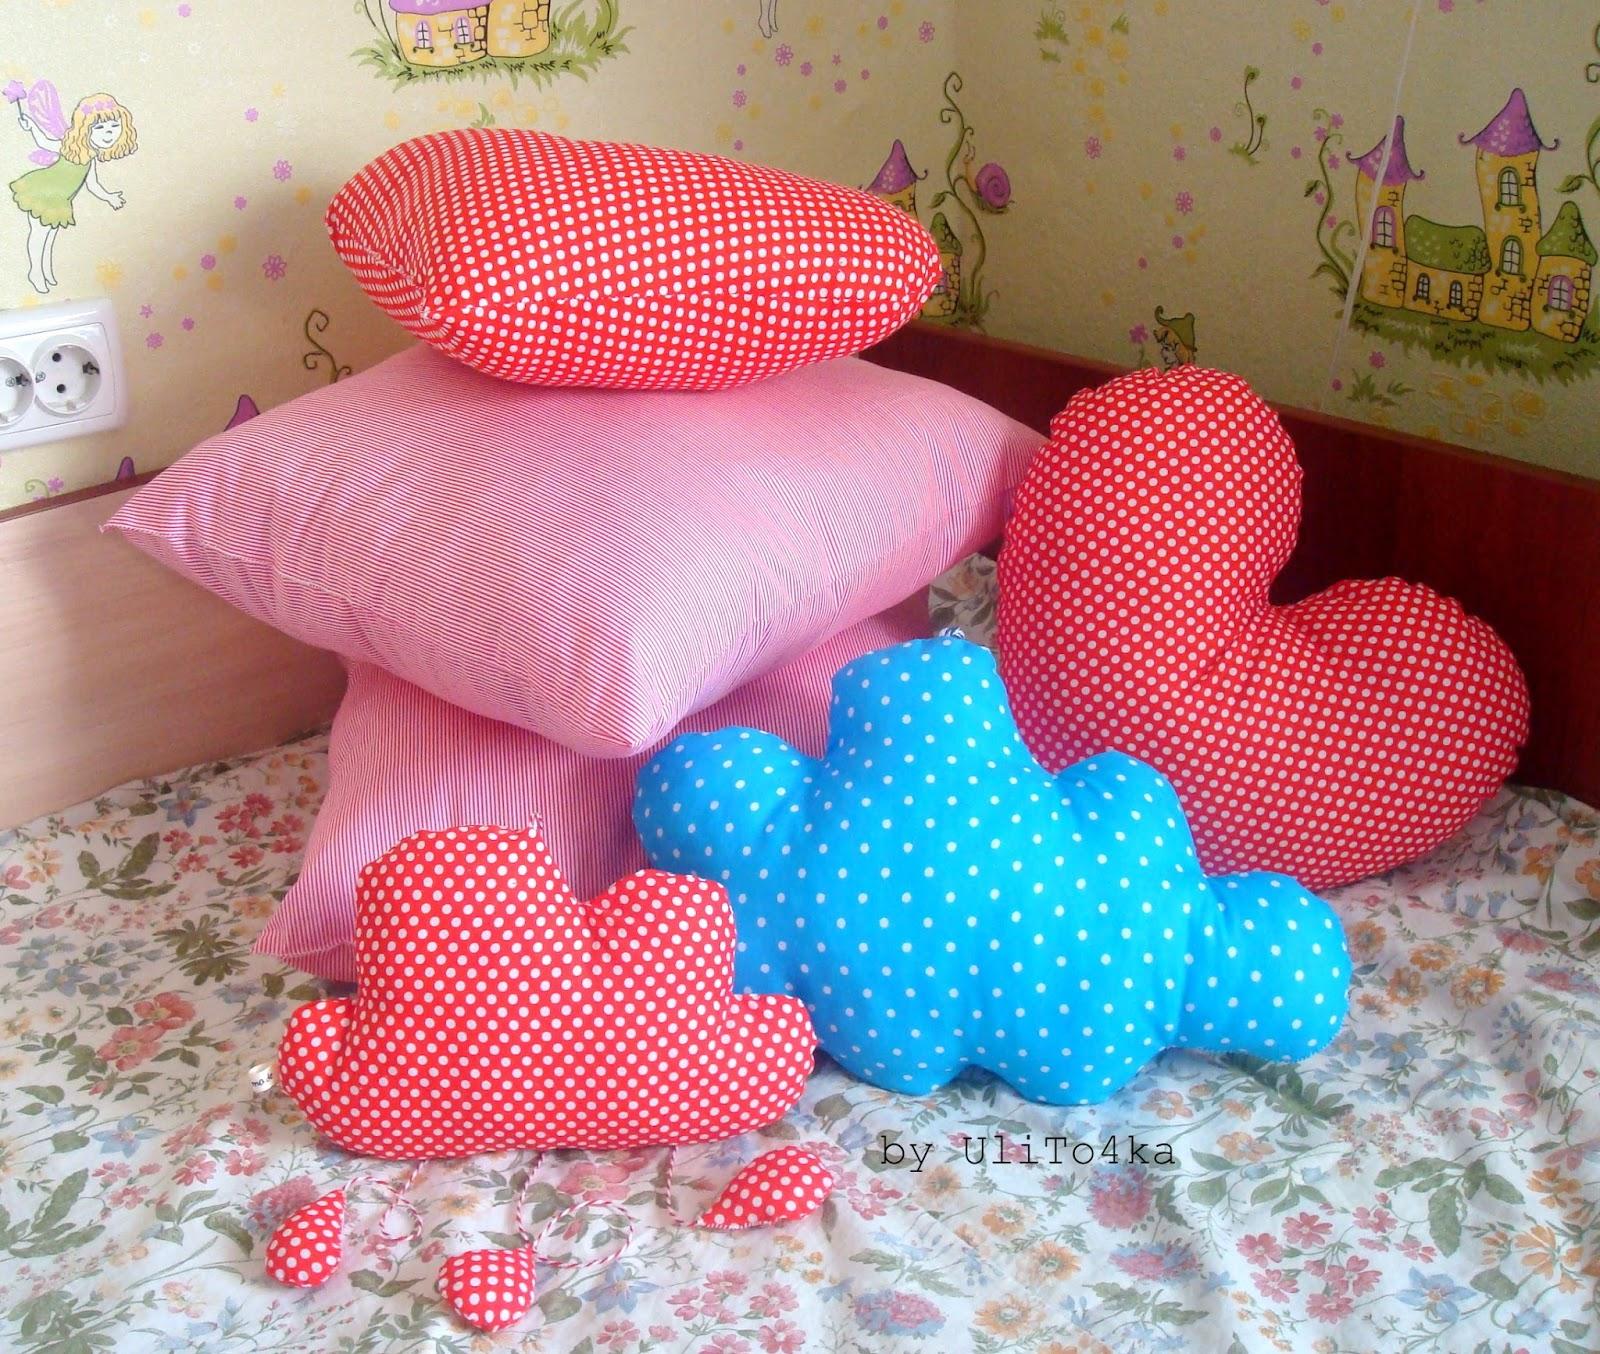 Сшить подушку облачко для детской 70